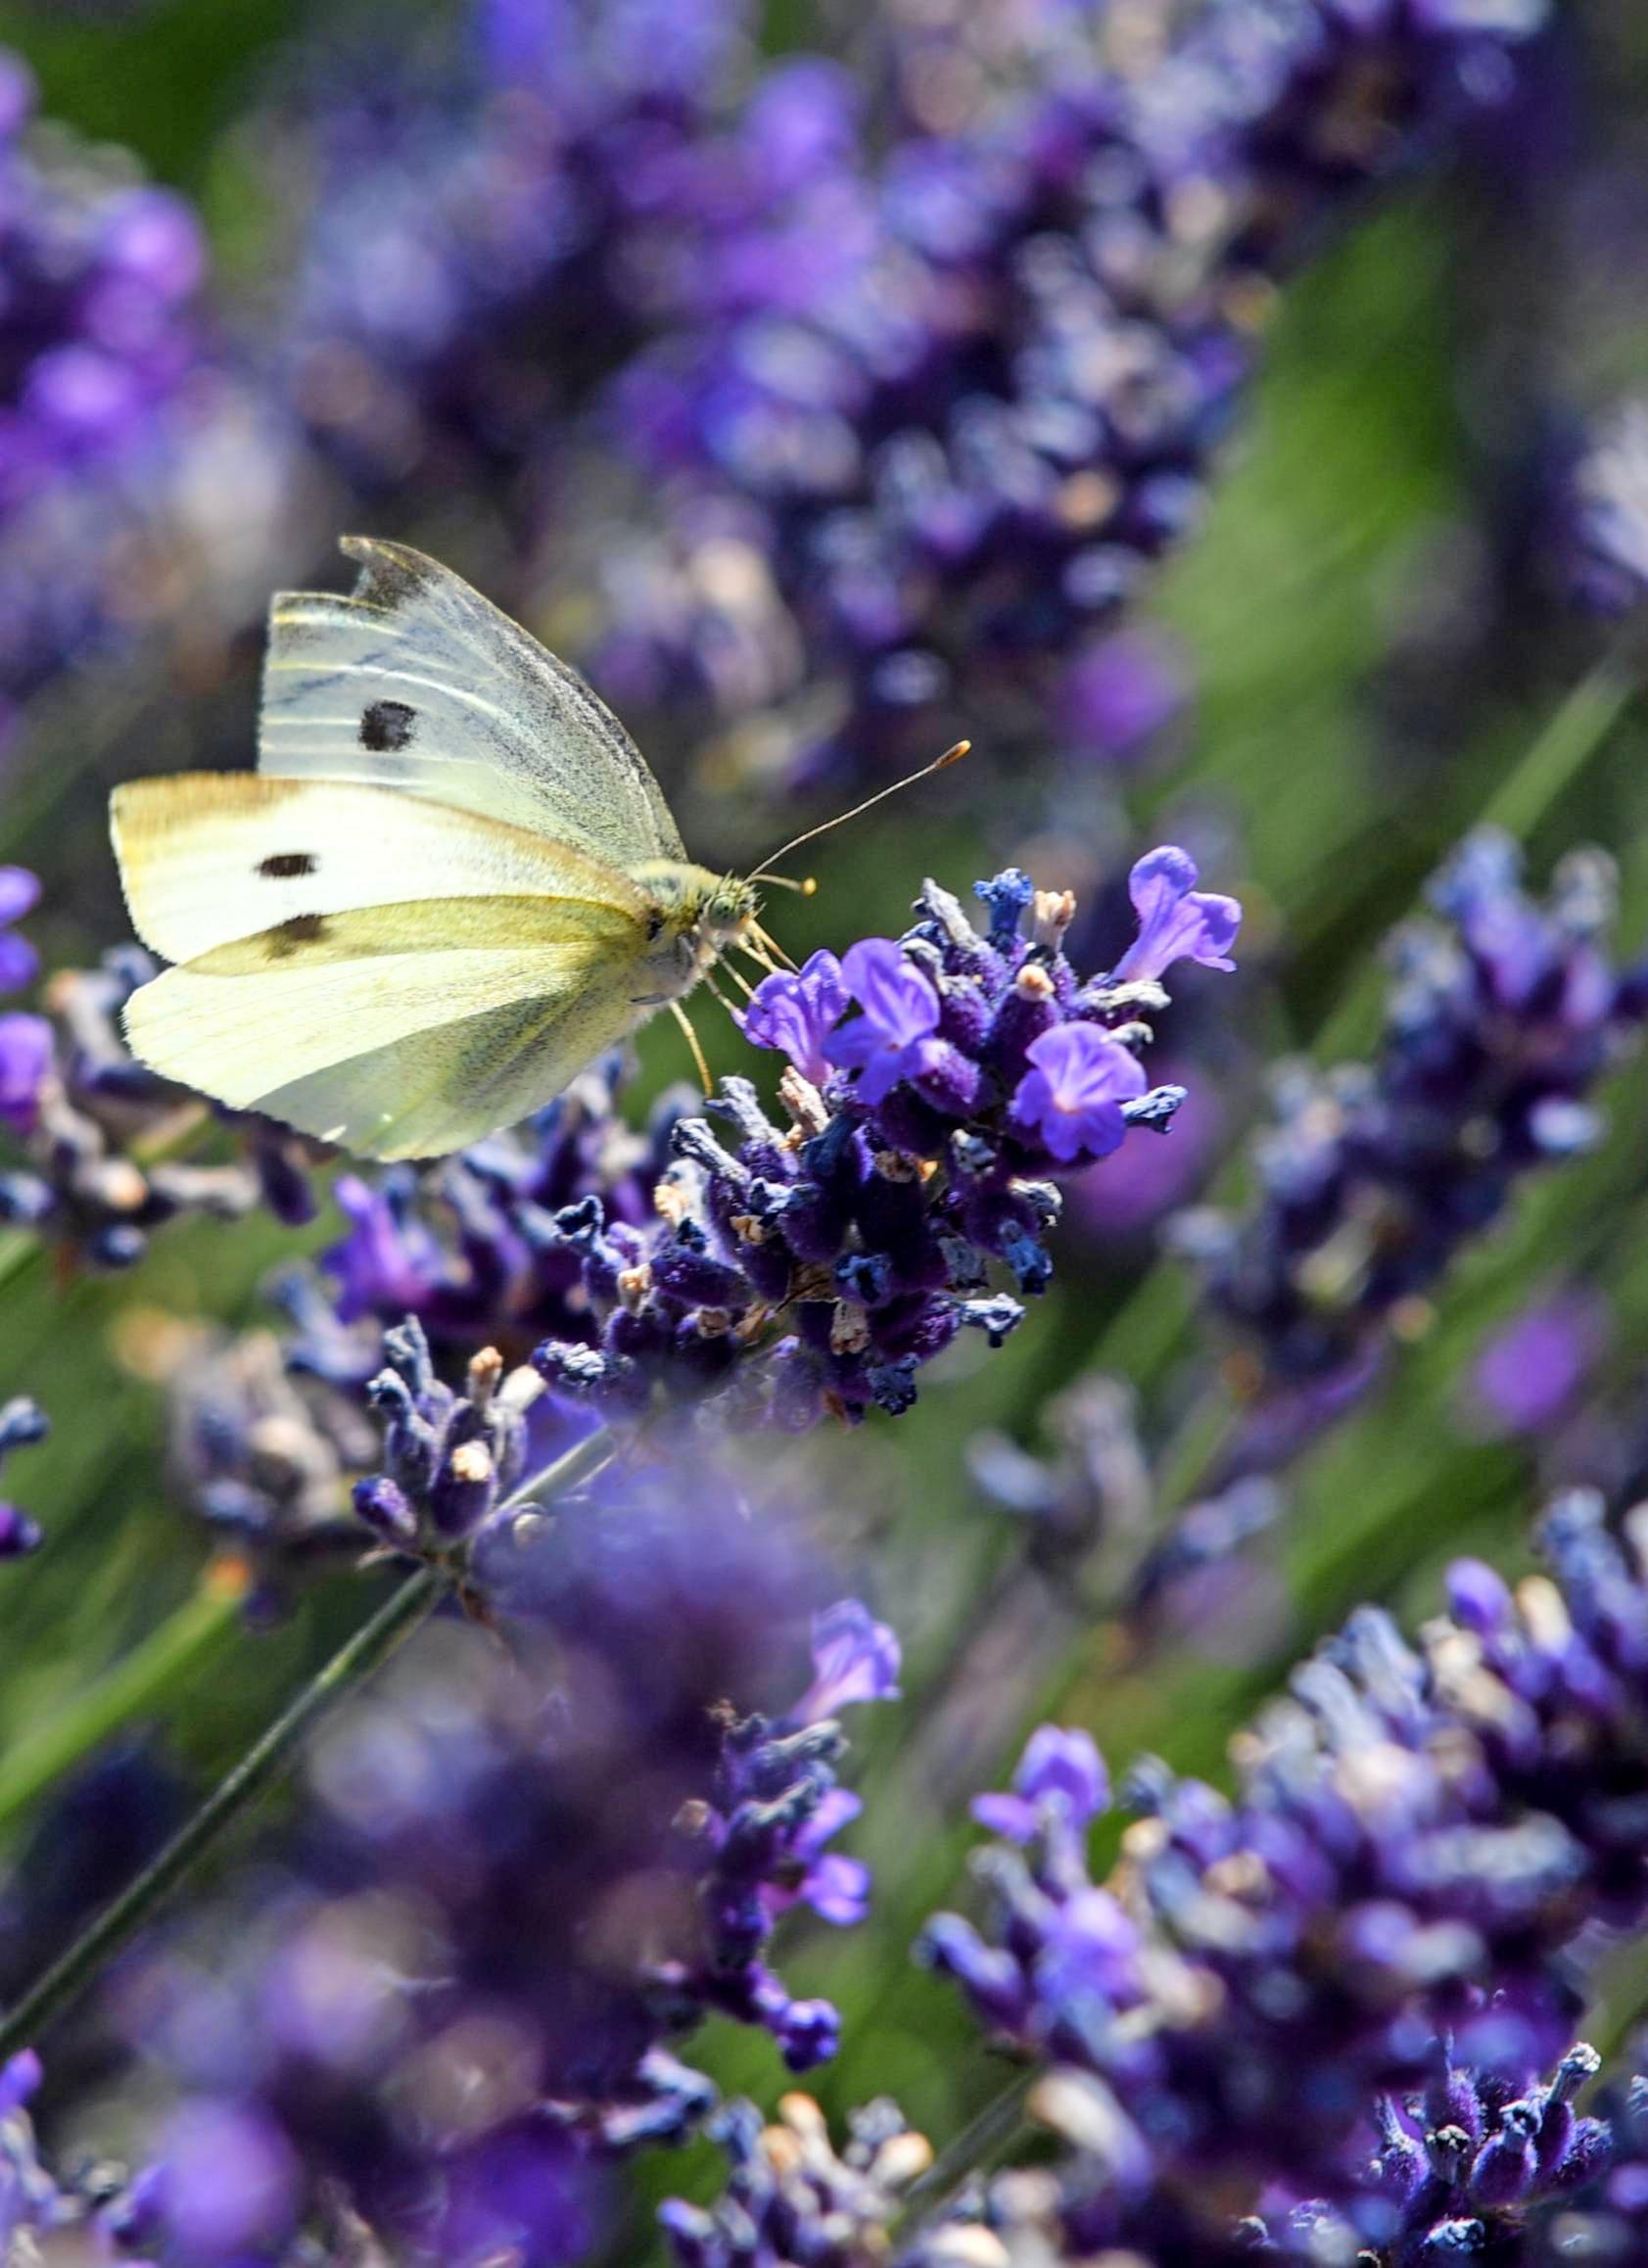 Ein robuster Klassiker und Liebling der Schmetterlinge unter den wärmeverträglichen Stauden ist der mediterrane Lavendel.